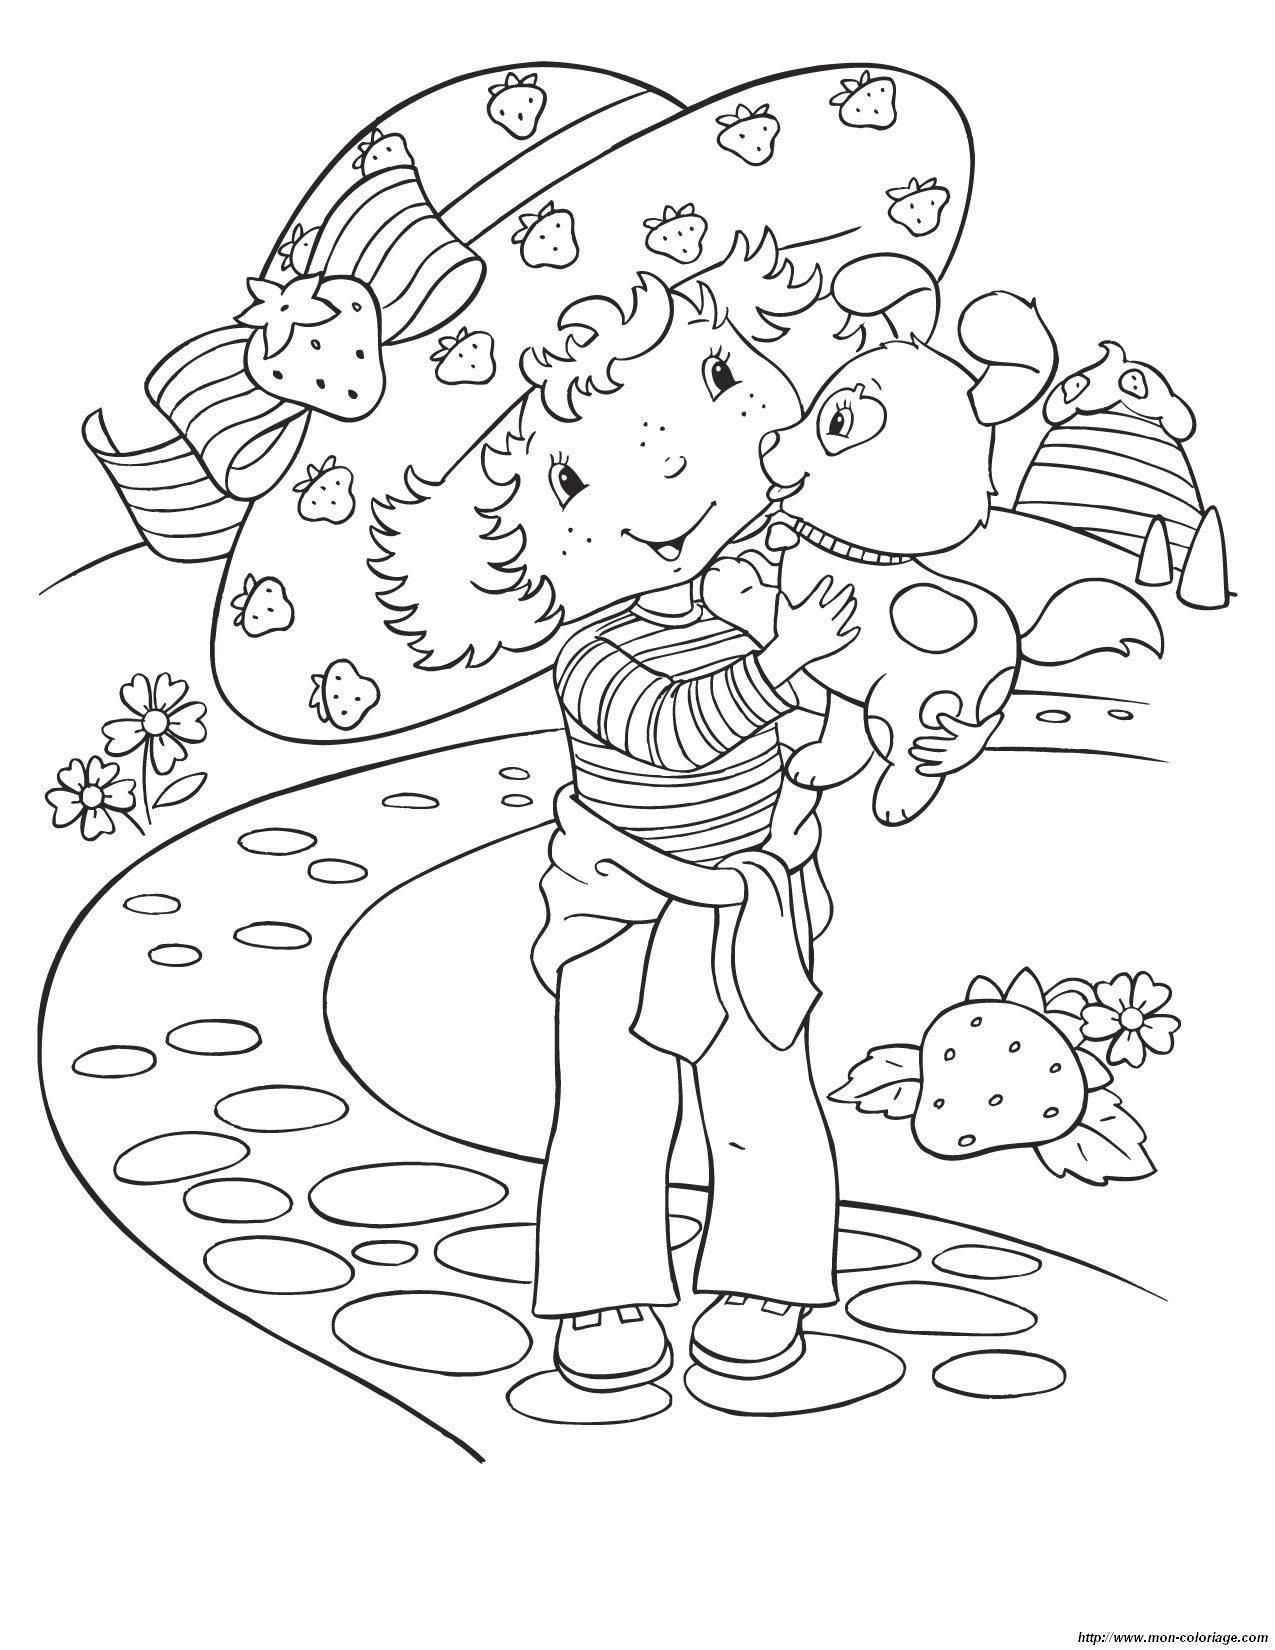 Ausmalbilder Emily Erdbeer Einzigartig 45 Schön Erdbeer Ausmalbilder Mickeycarrollmunchkin Bilder